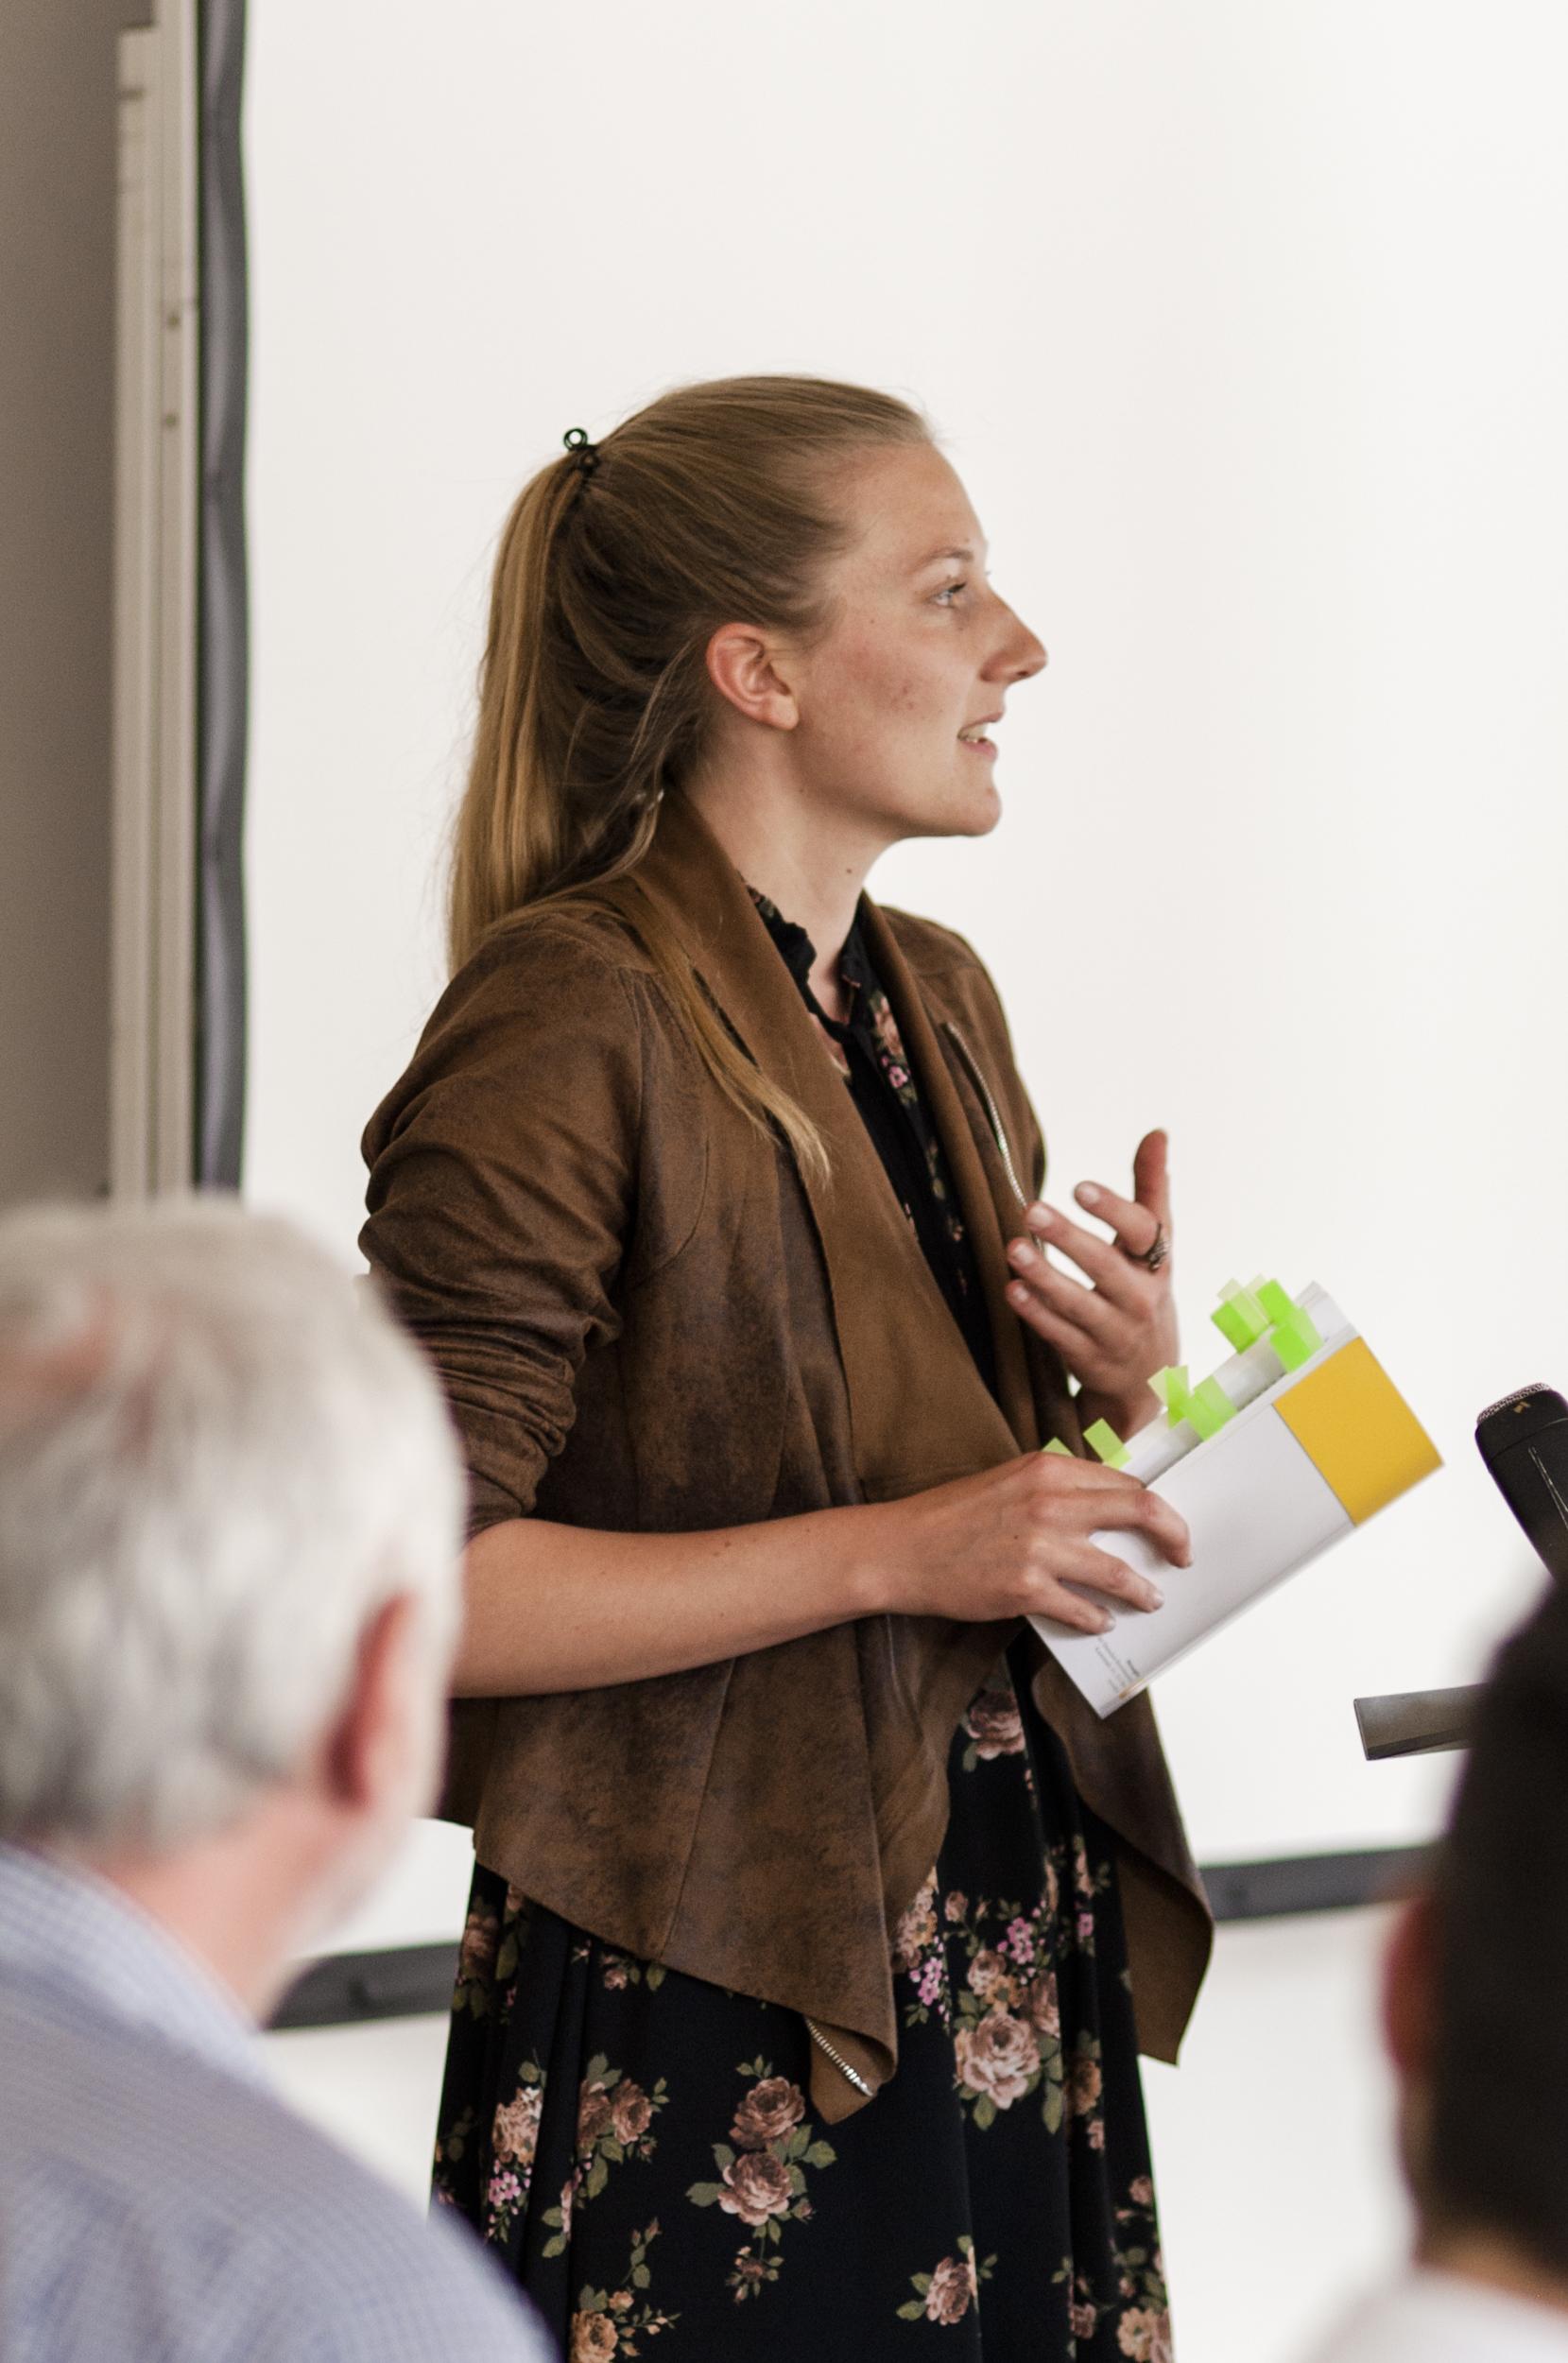 KU-Studentinnen und Studenten u.a. melden sich beim Workshop zu Wort